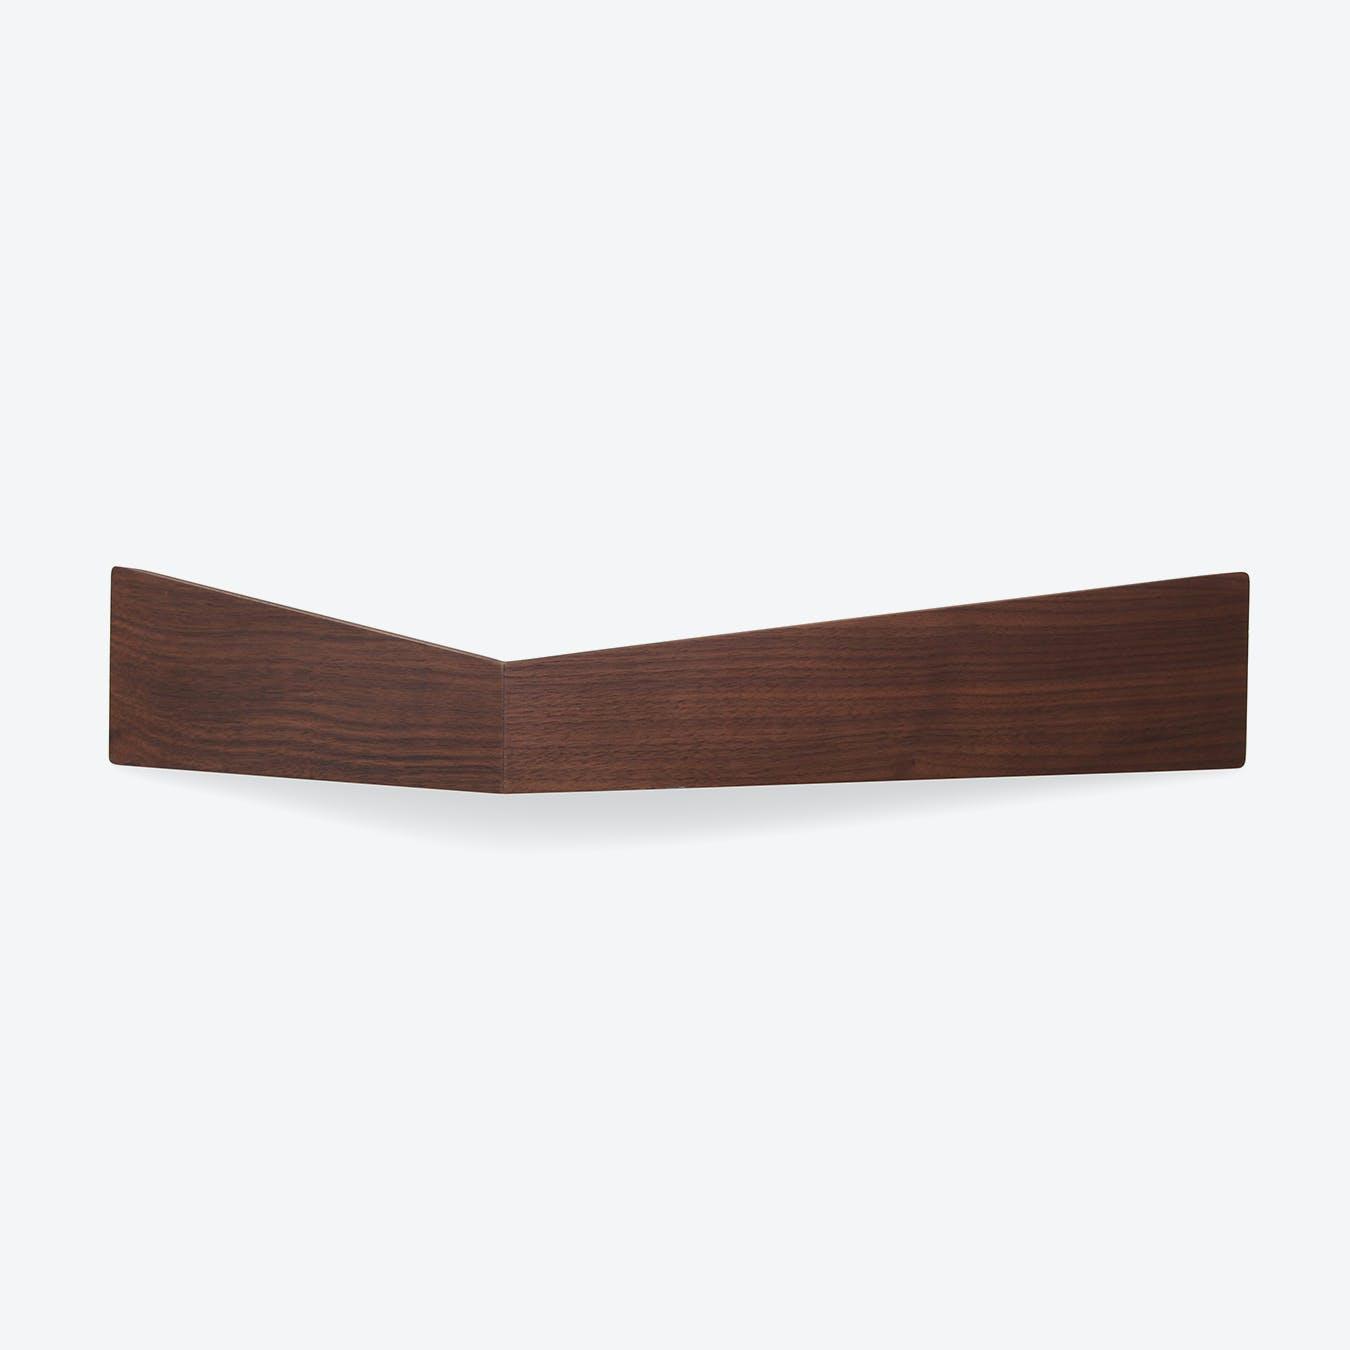 Pelican Shelf L - Walnut